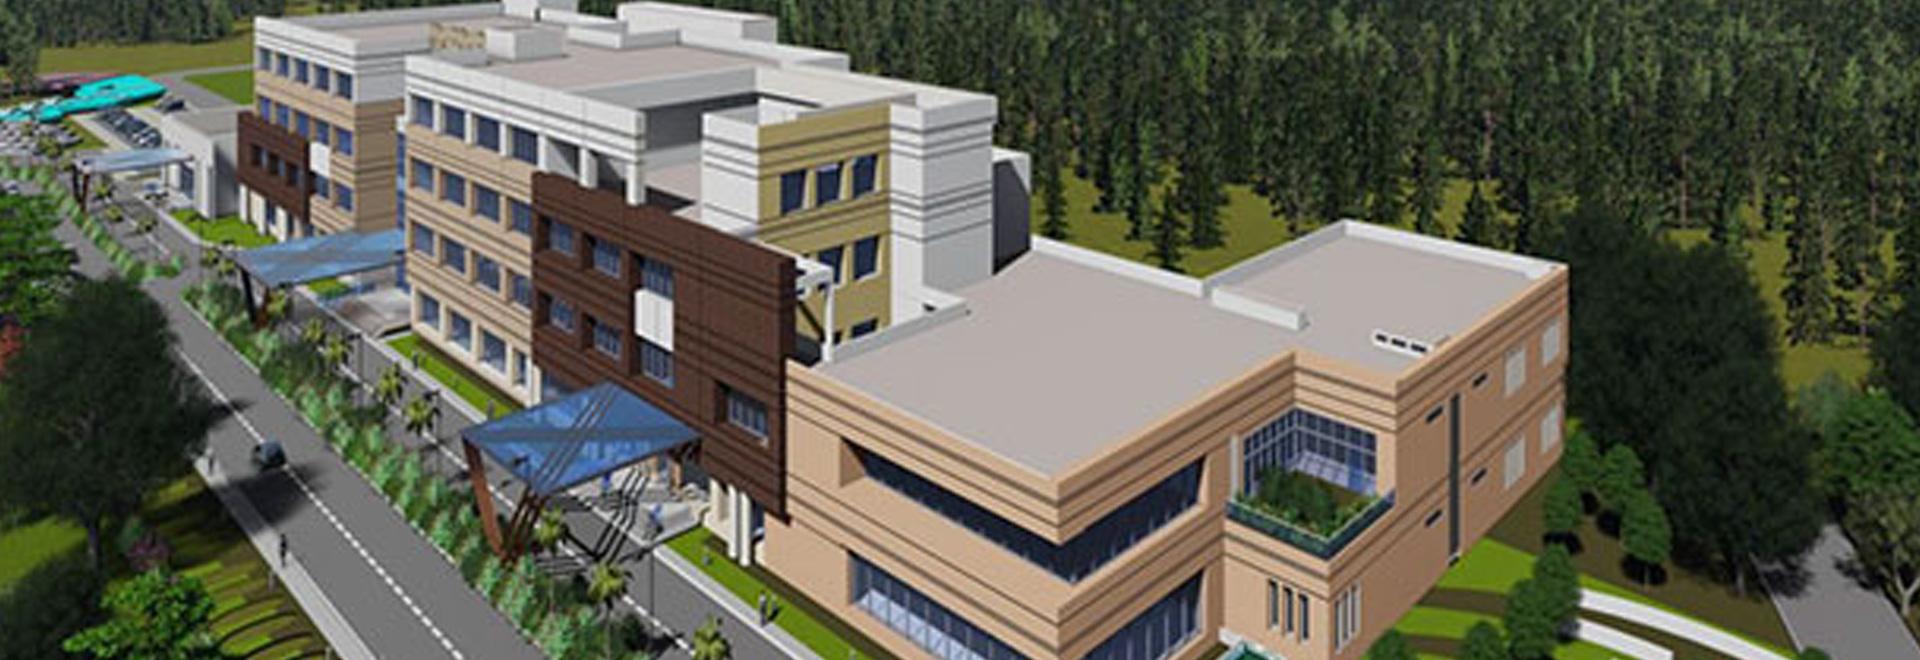 Balco Medical Center, Naya Raipur, Chhattisgarh